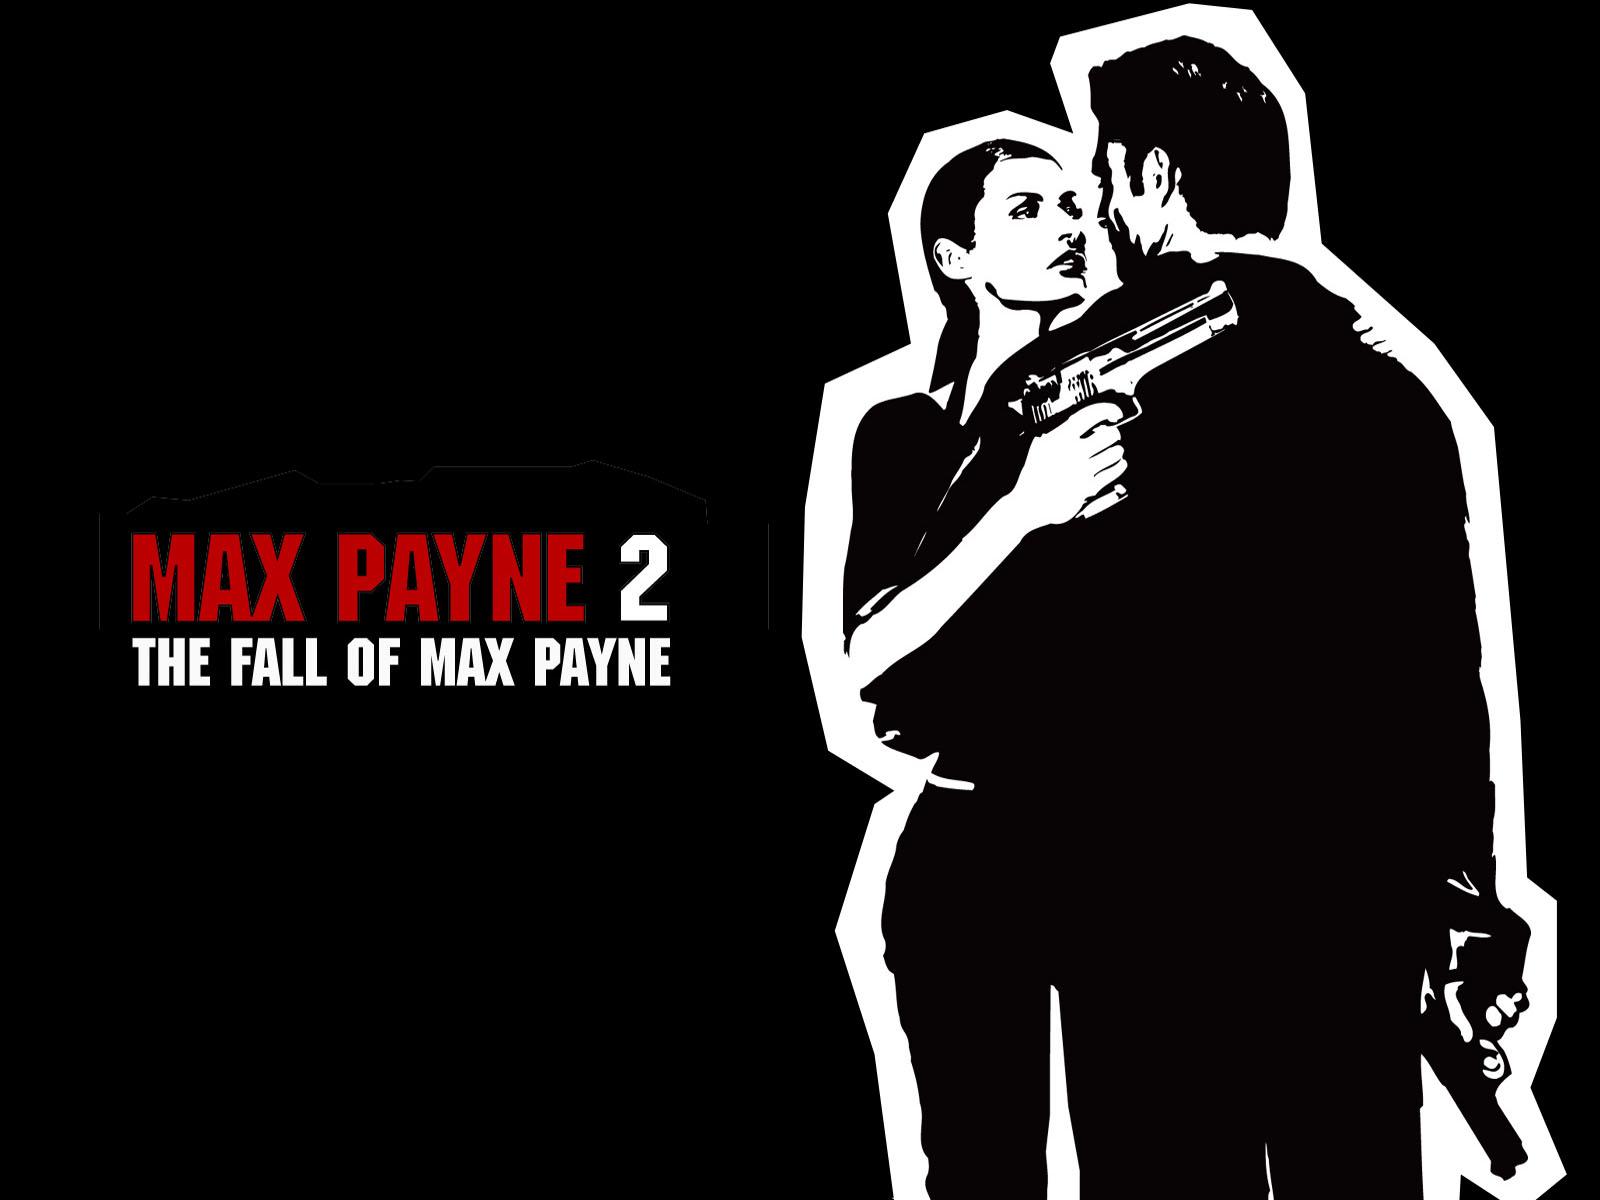 Fall Max Payne Hd Wallpapers Max Payne 2 Fall Of Max Payne Images Max Payne 2 Hd